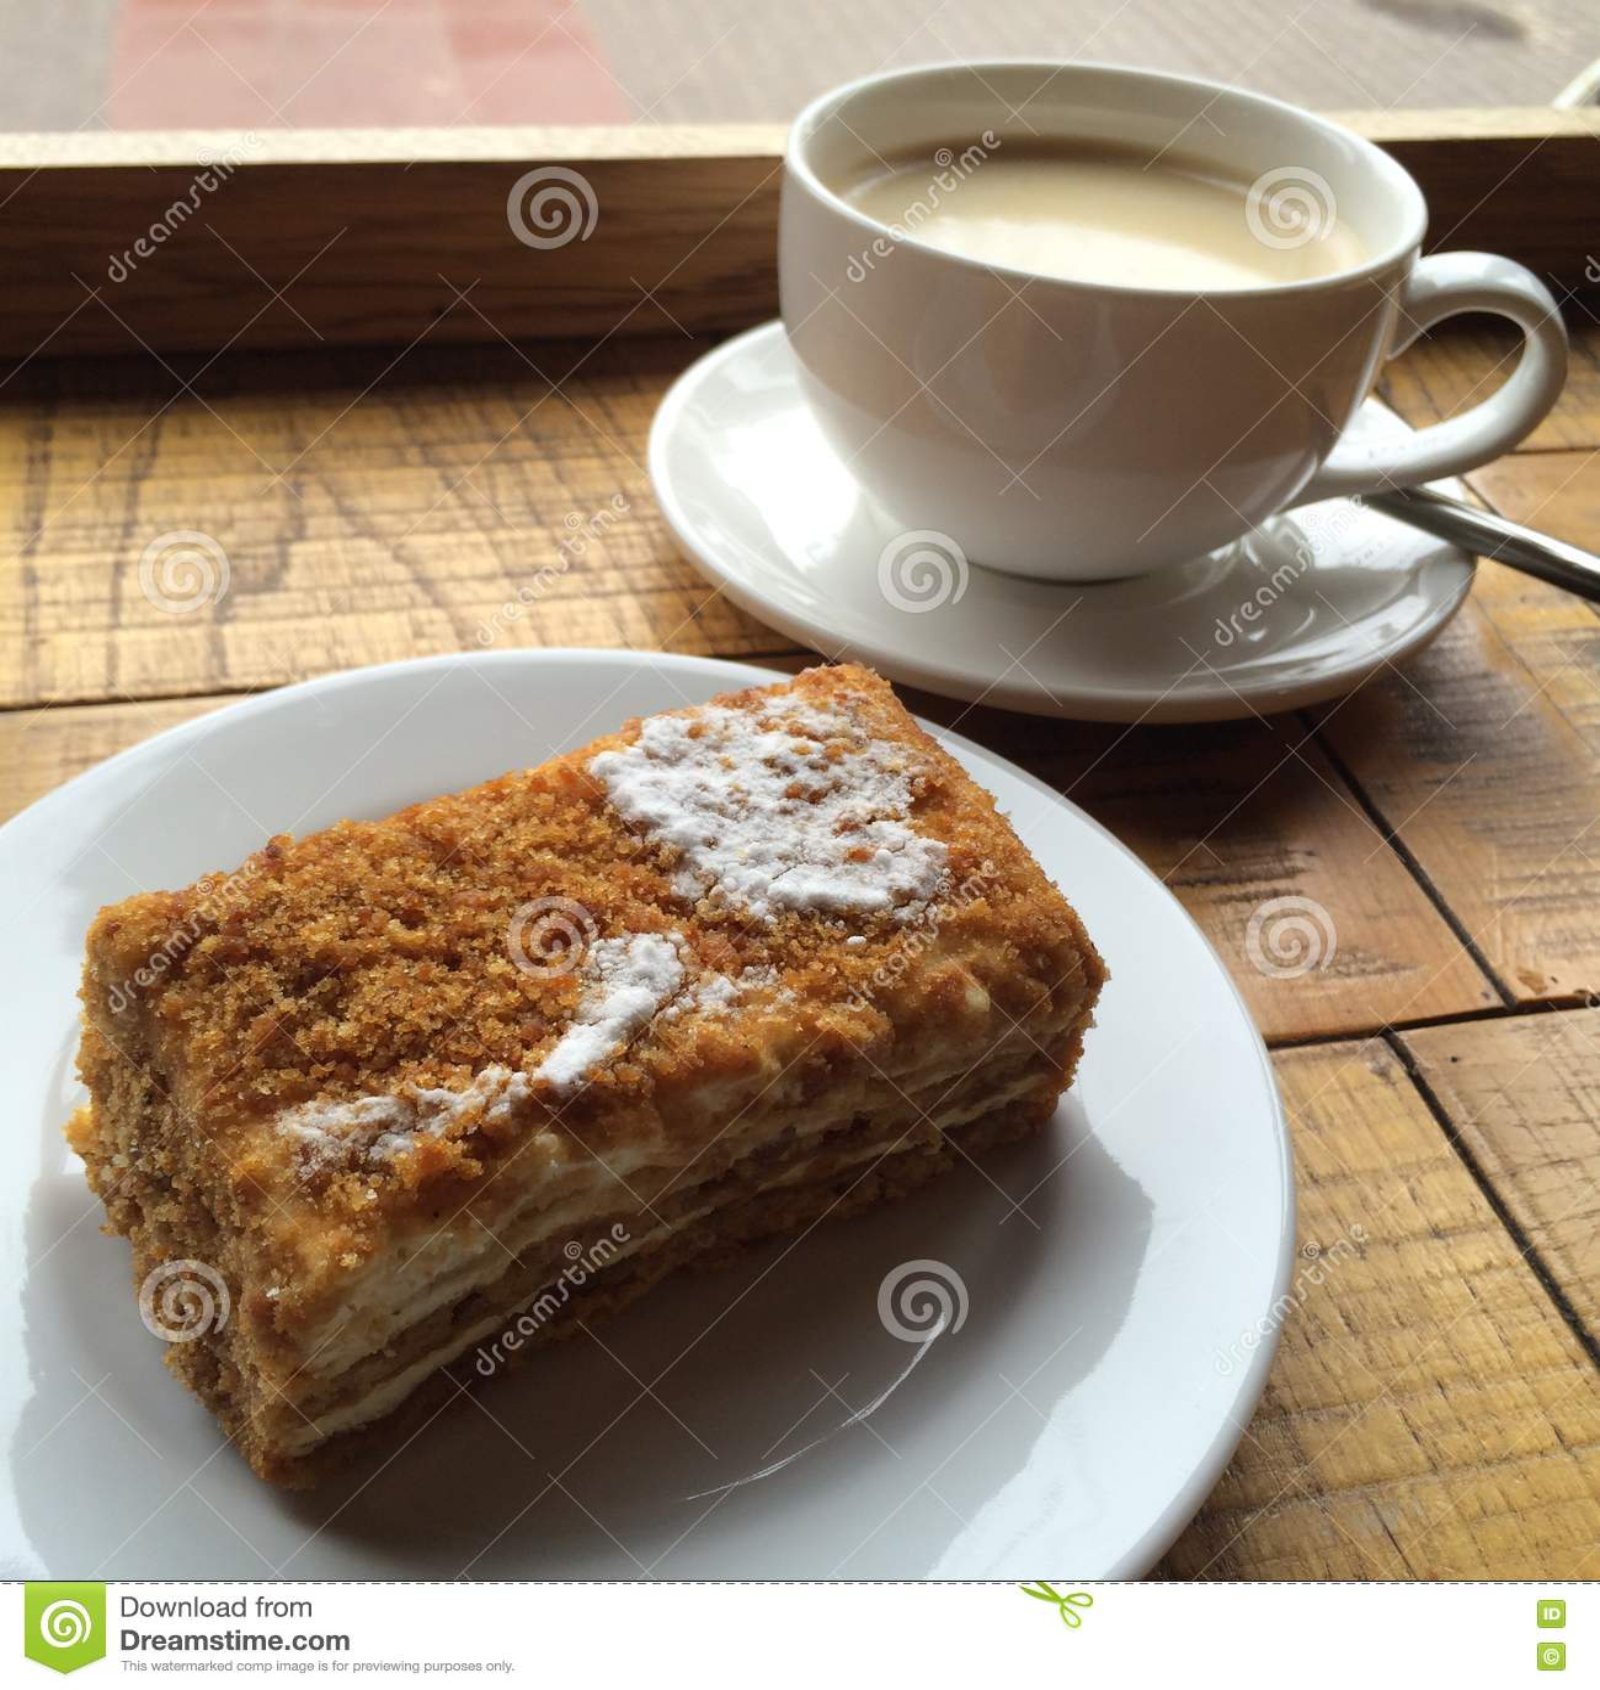 Beginnen Sie Ihr Tag Mit Selbst Gemachtem Feinschmeckerischem Kuchen